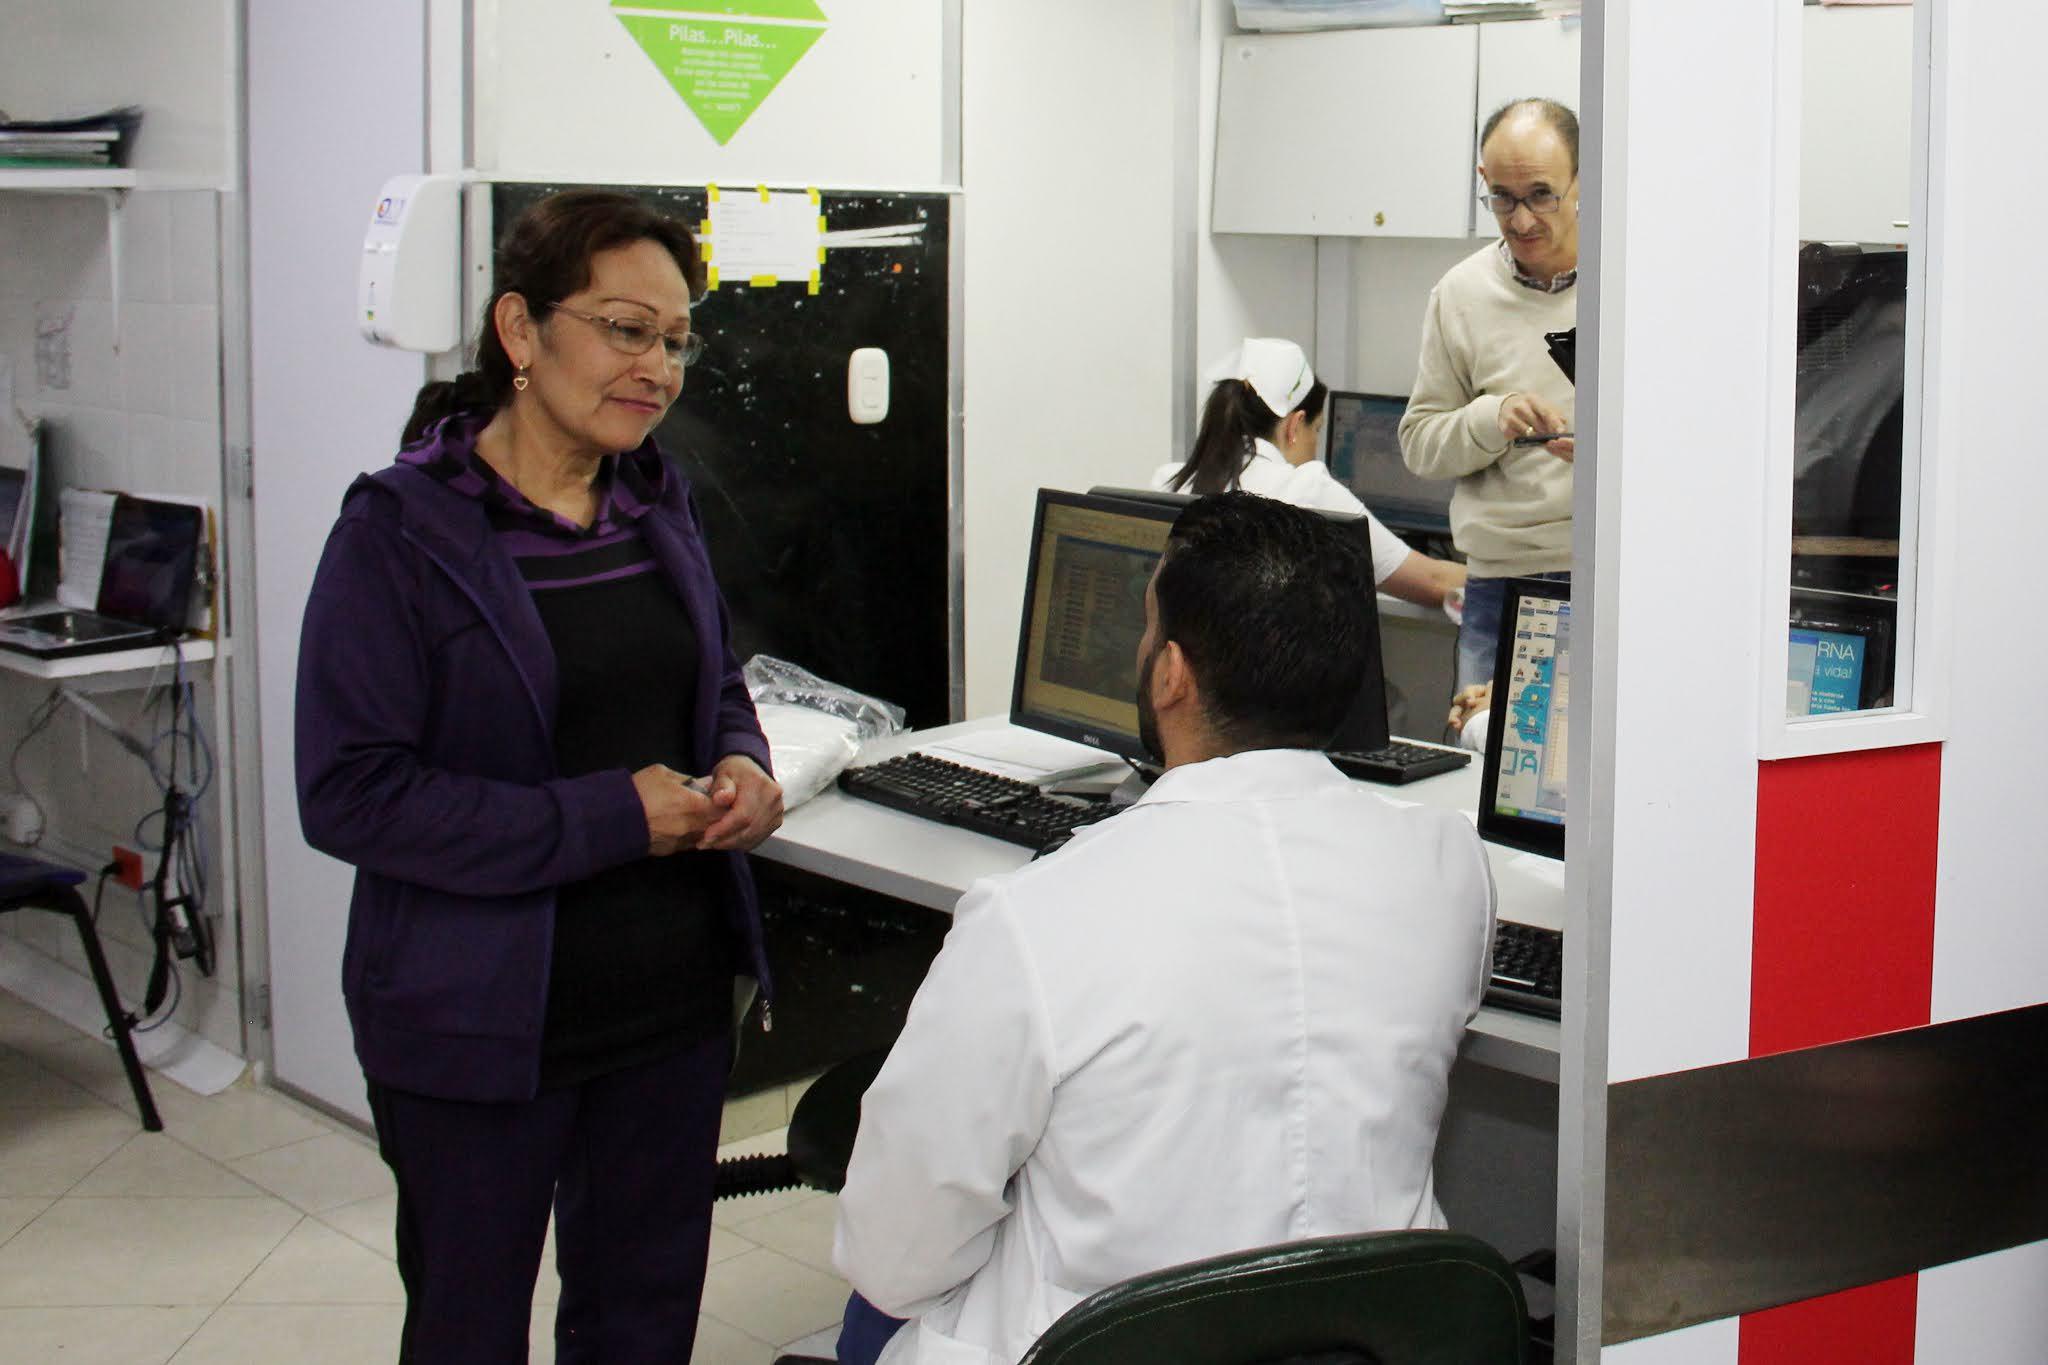 https://www.notasrosas.com/ busca a beneficiarios para entregar auxilio del Programa de Suspensión Contractual